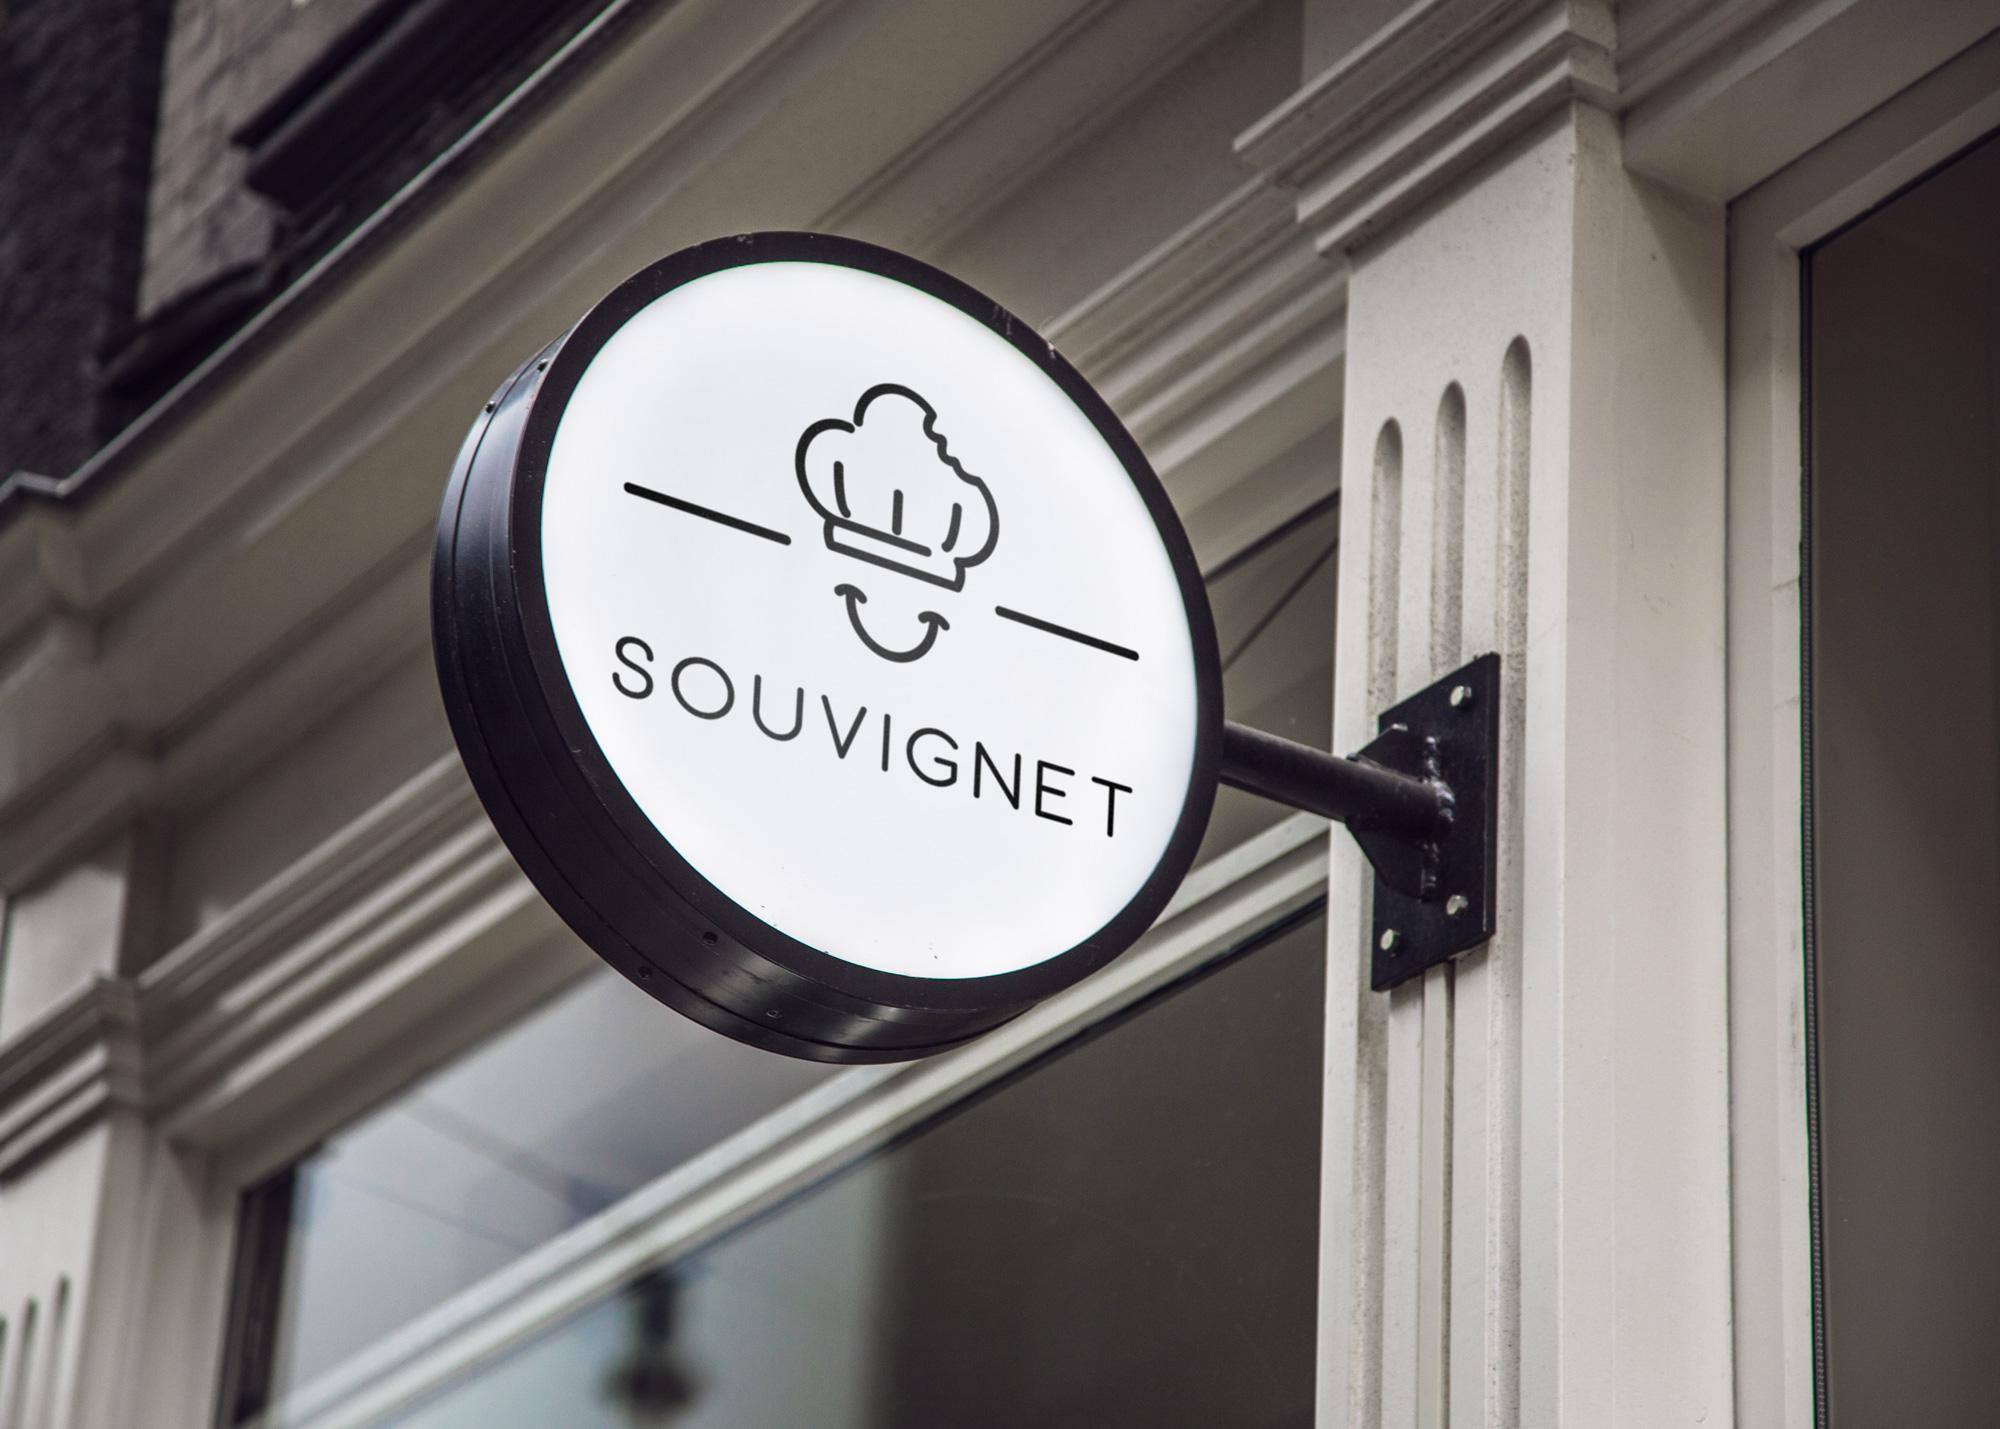 enseigne logo boulangerie pâtisserie souvignet